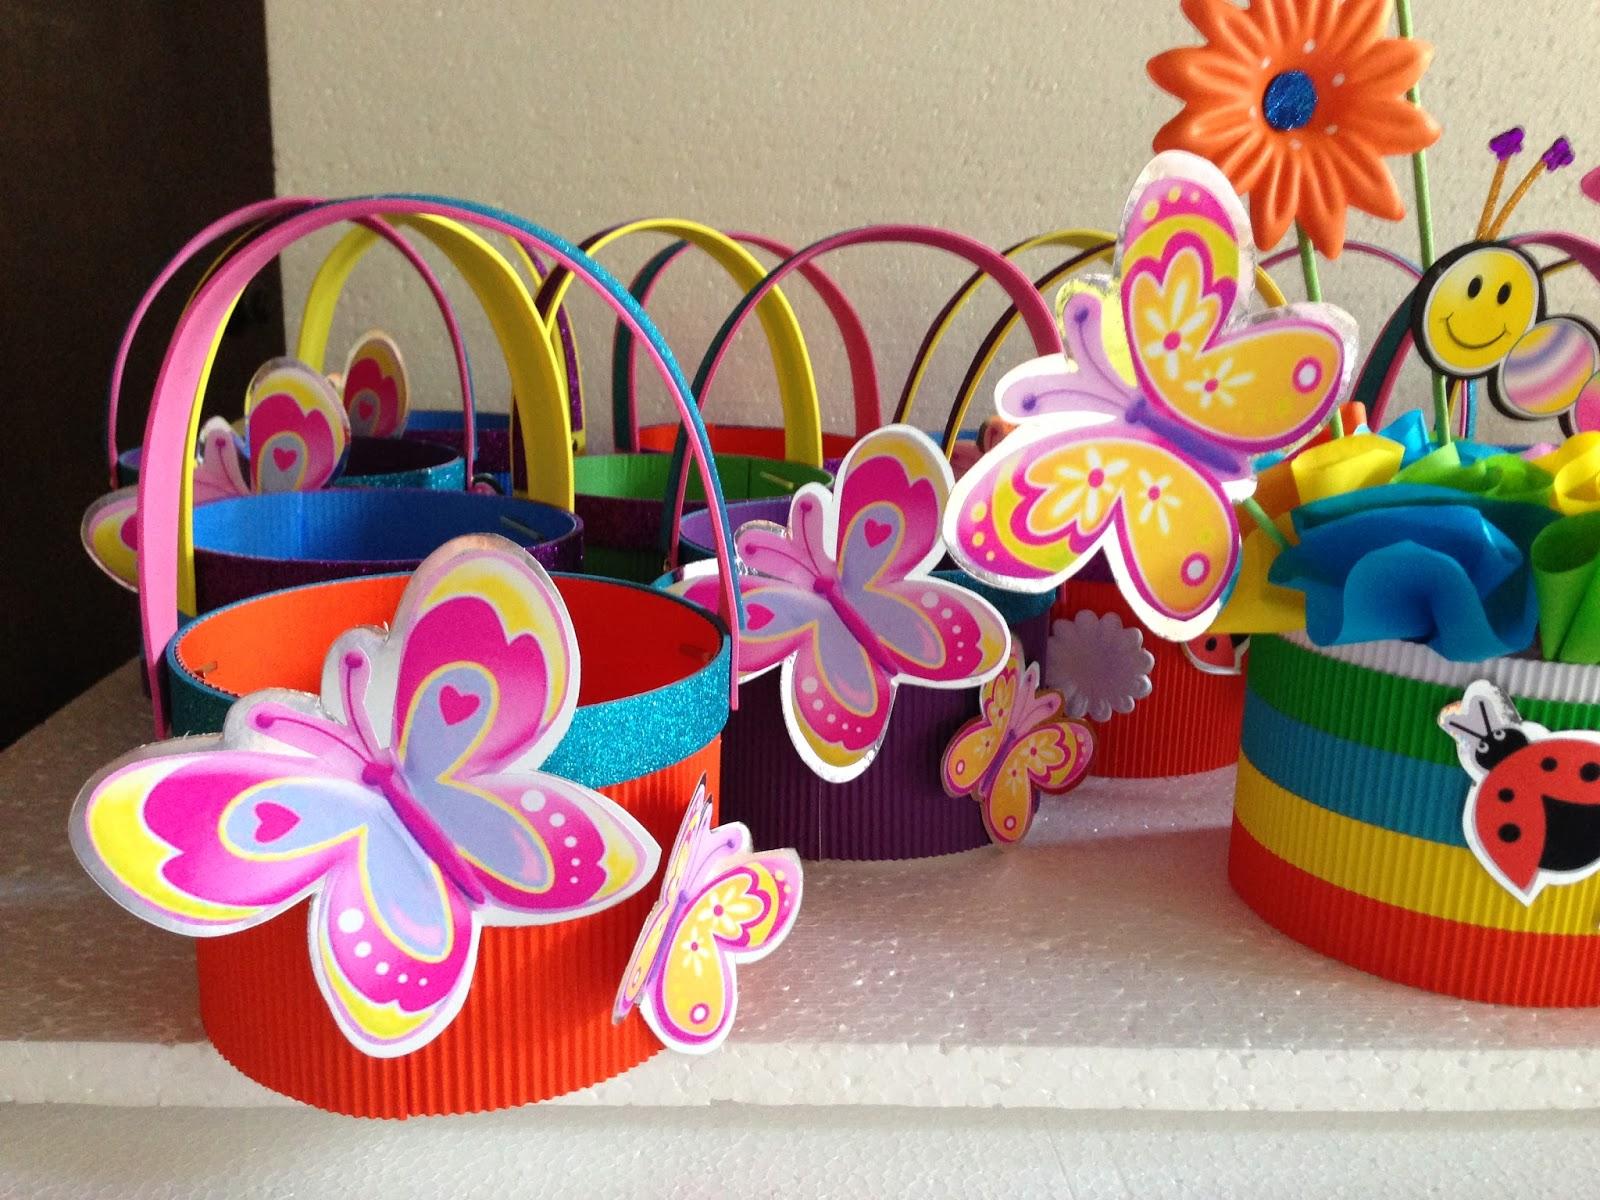 Decoracion para un cumplea os de mariposas 6 - Decorar para un cumpleanos ...